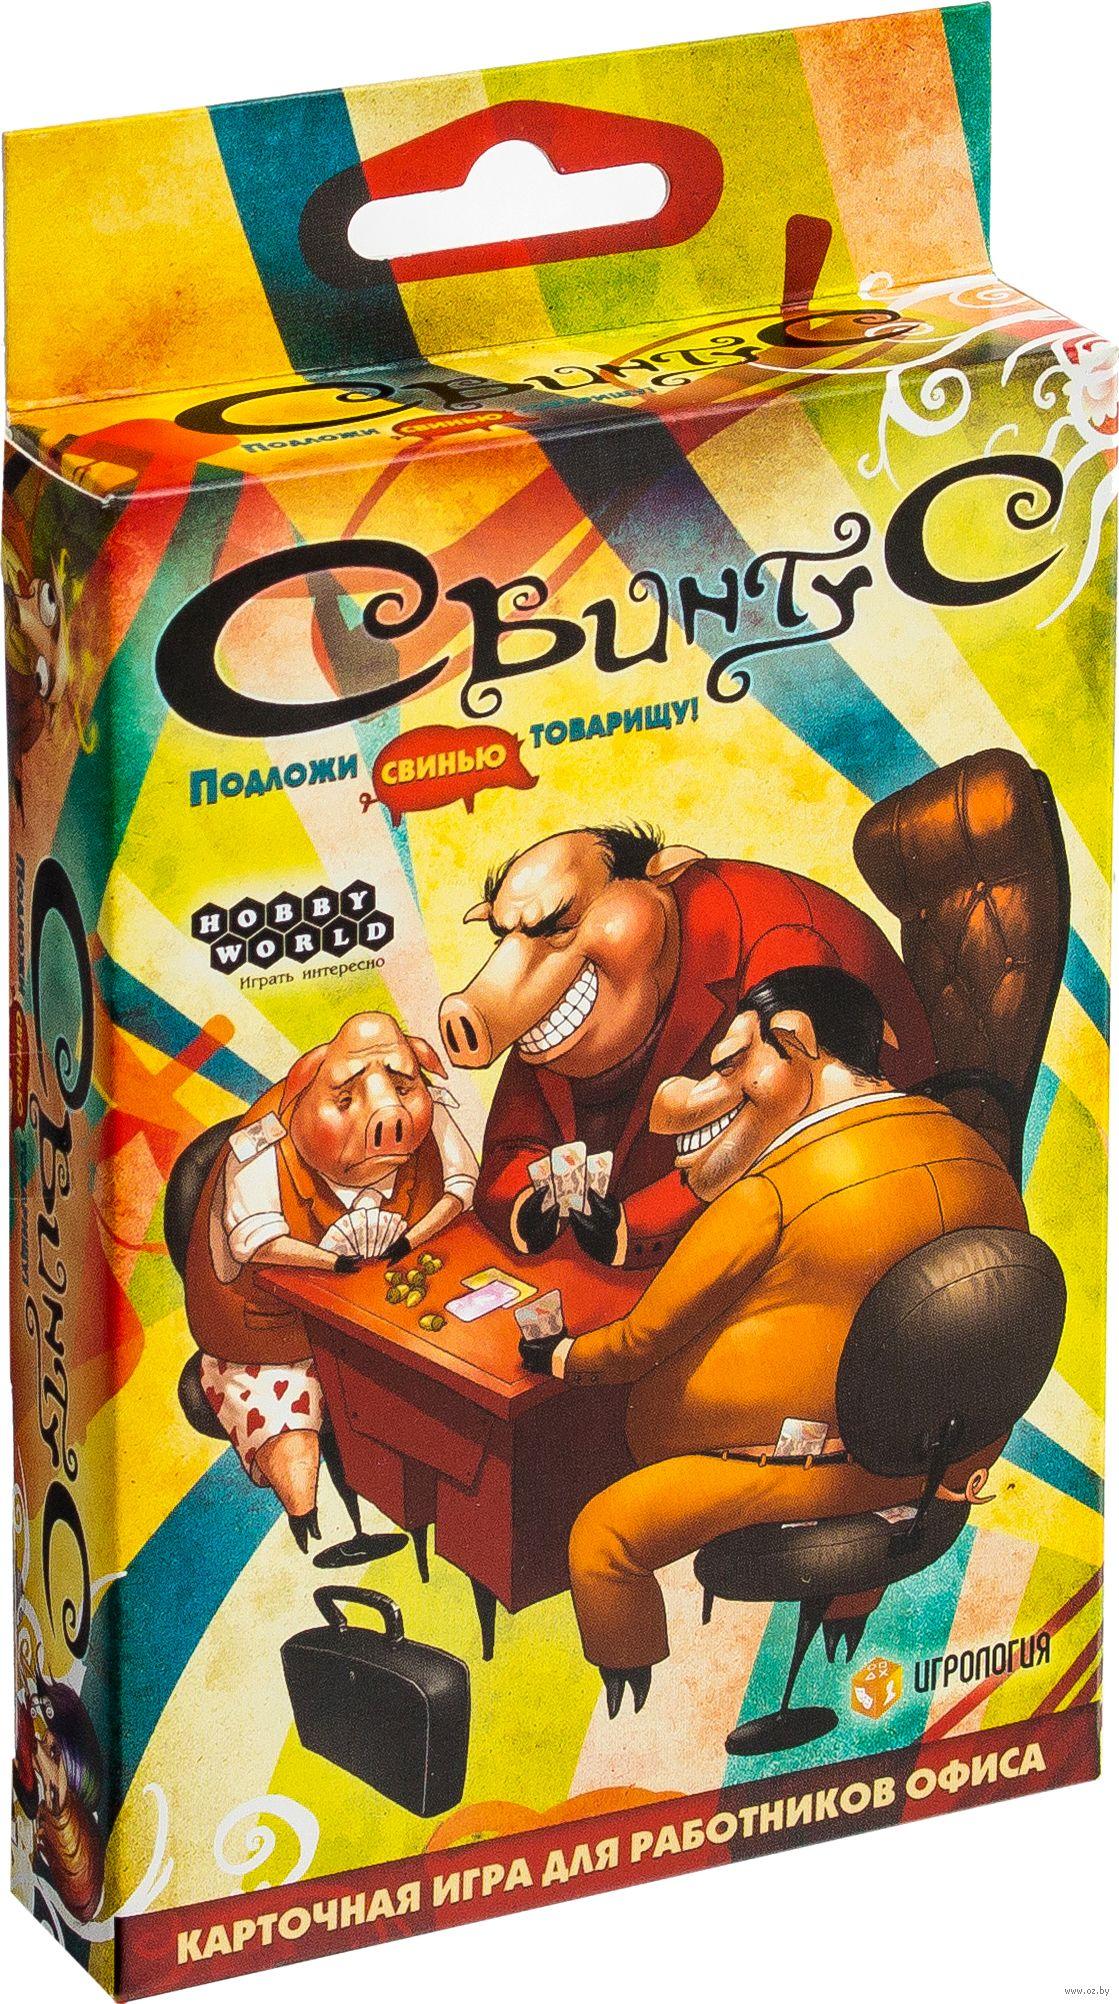 Игры карты играть в свиней игровые аппараты в аренду